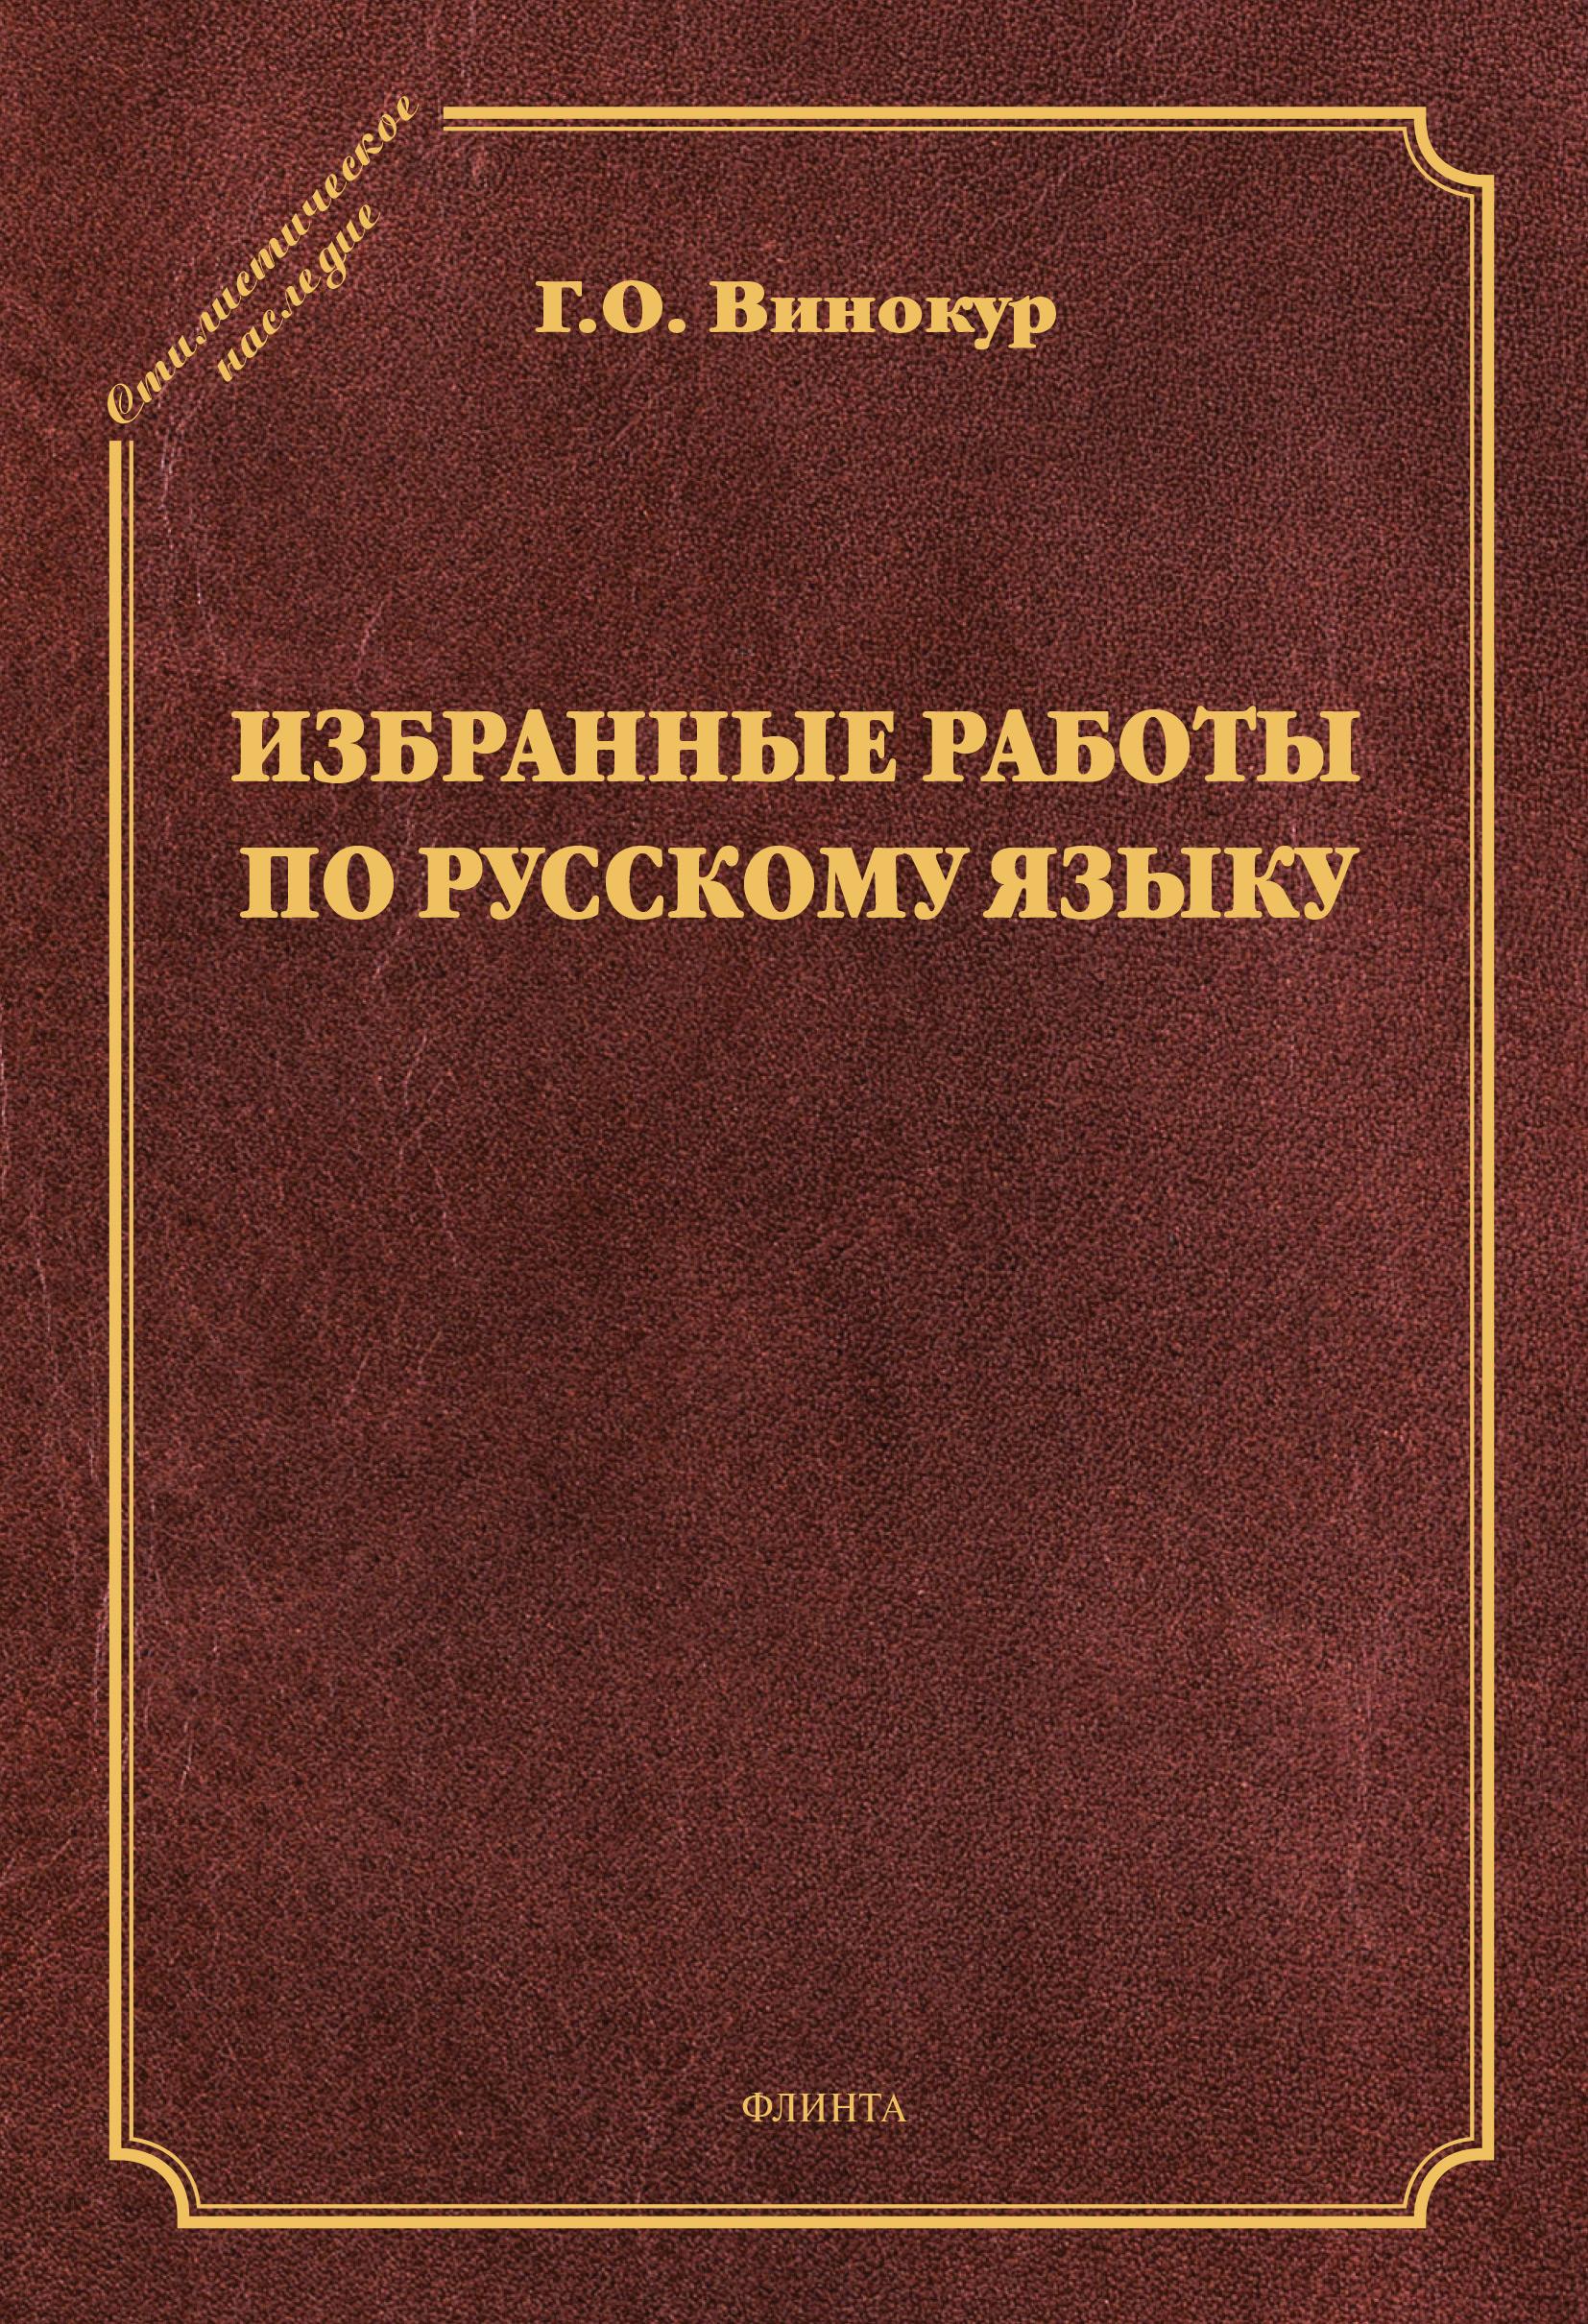 Избранные работы по русскому языку ( Г. О. Винокур  )